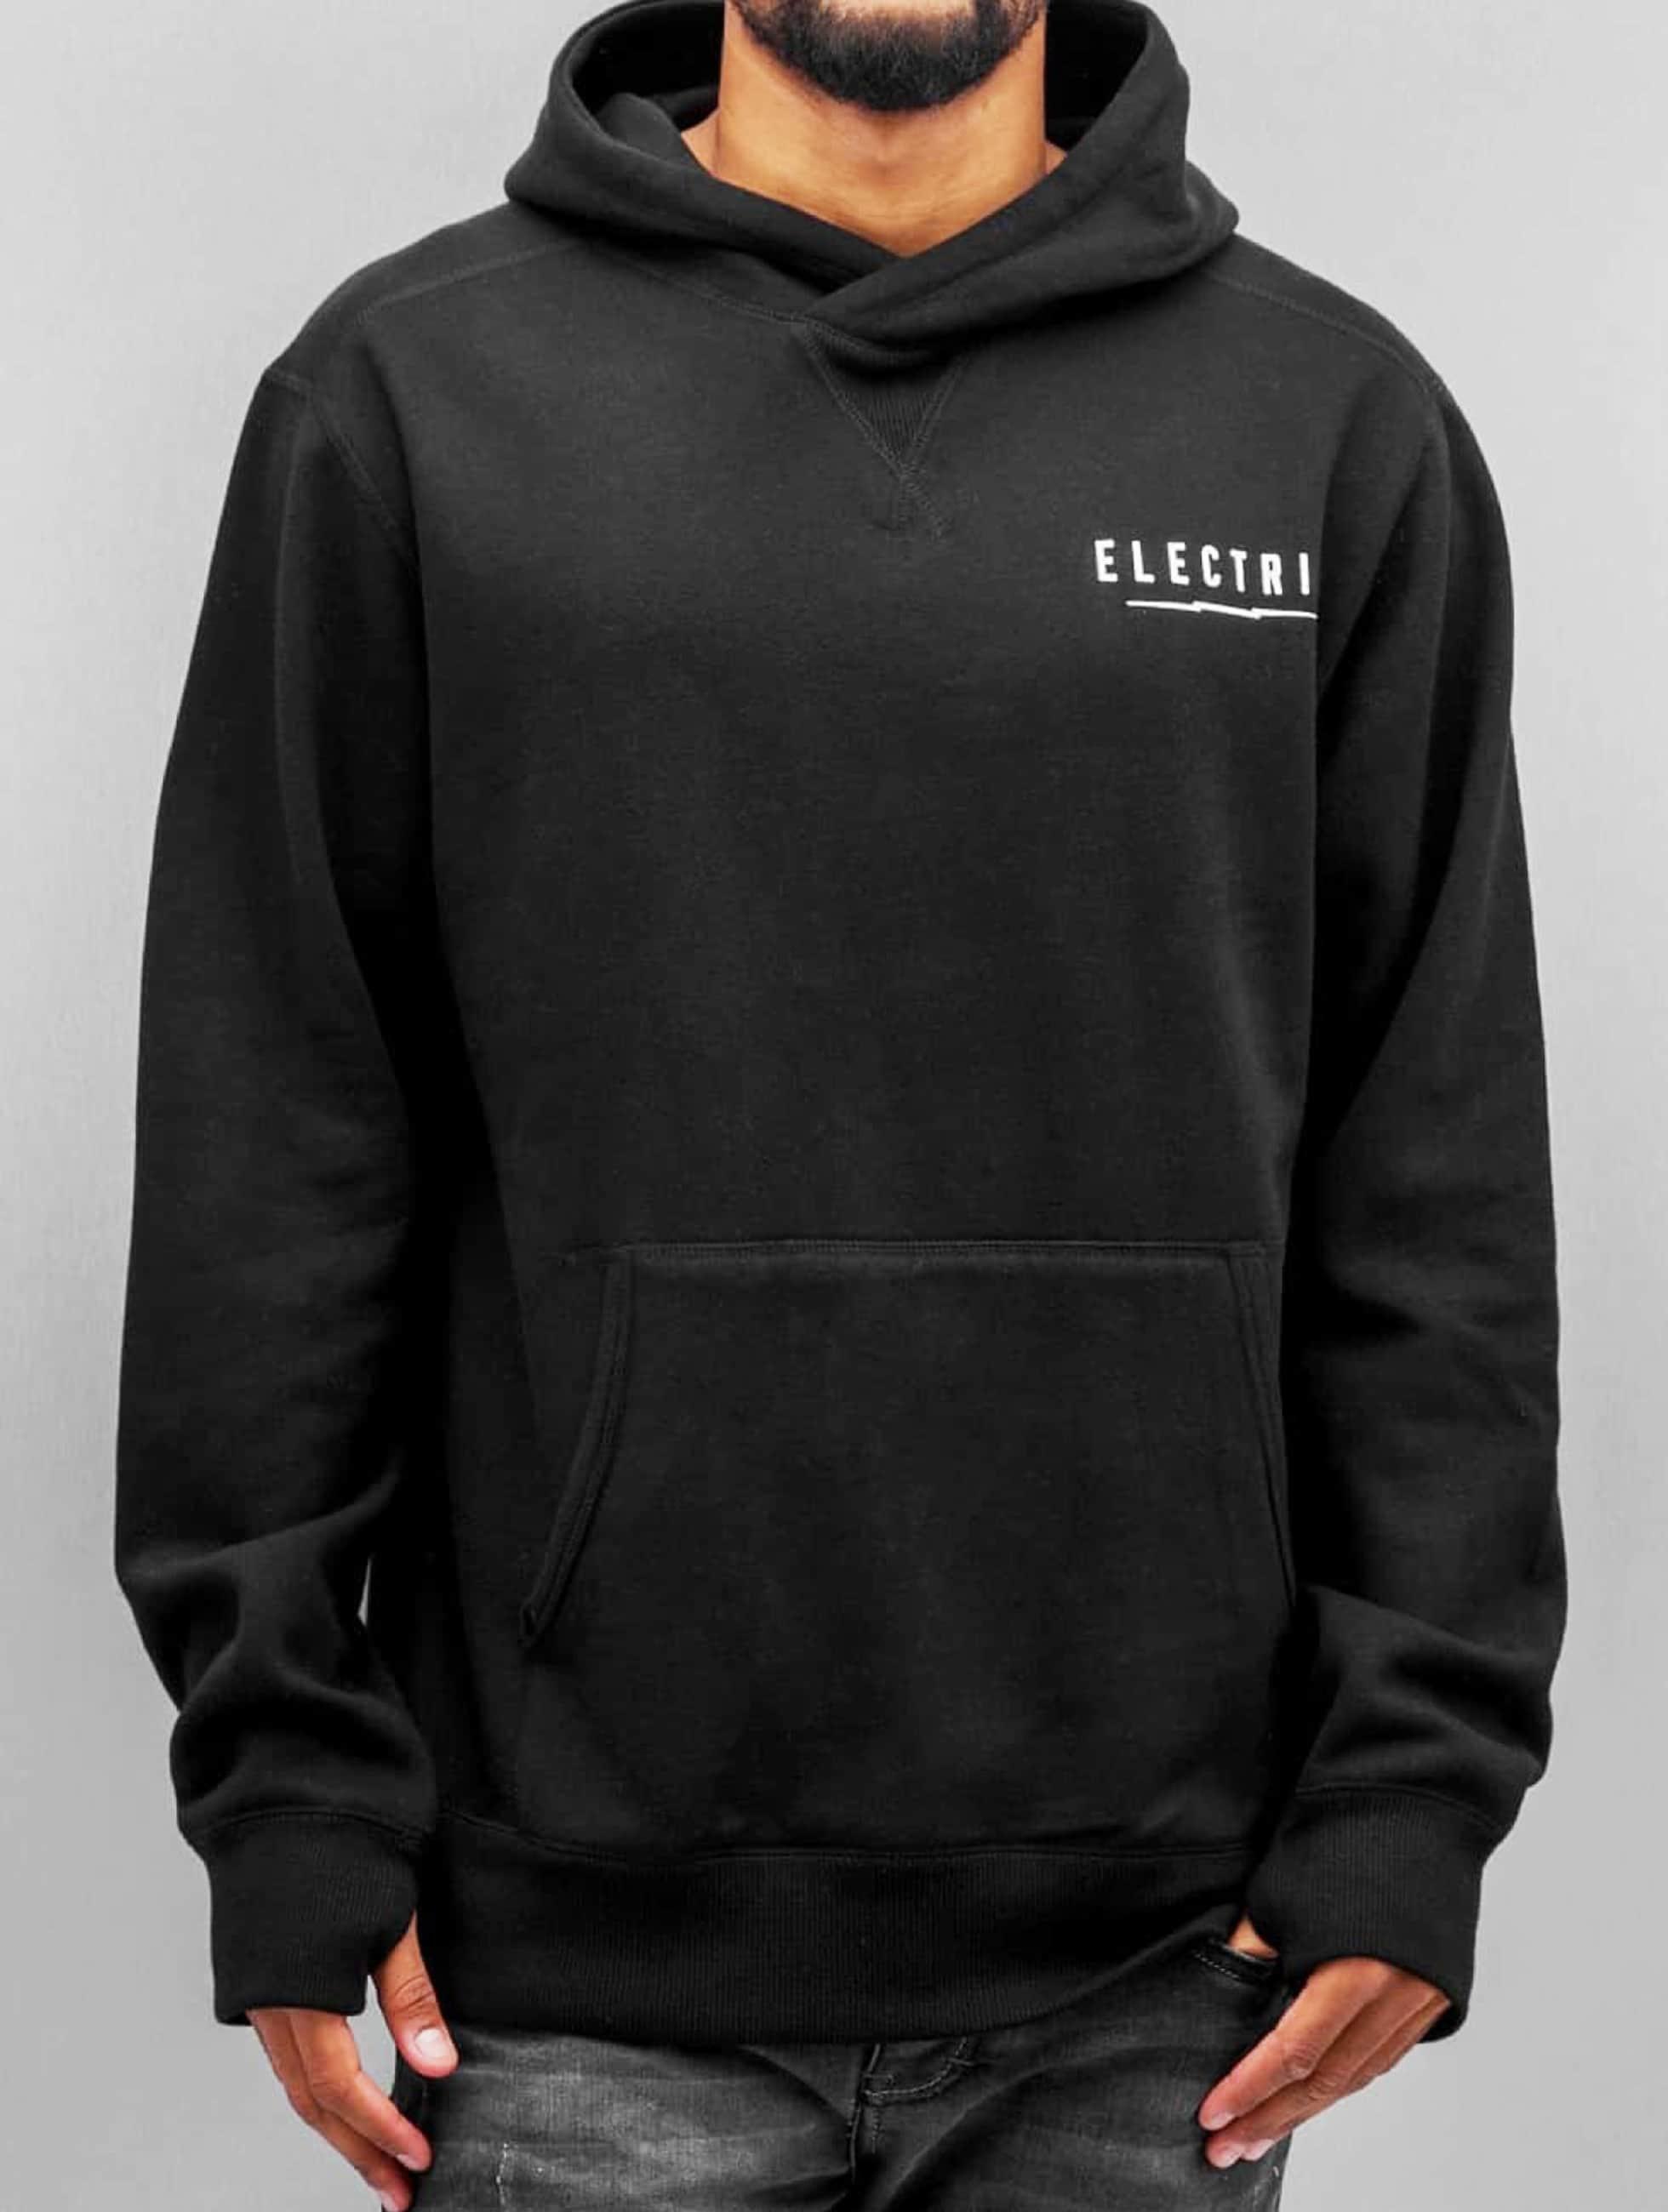 Electric Hoody UNDERVOLT II schwarz